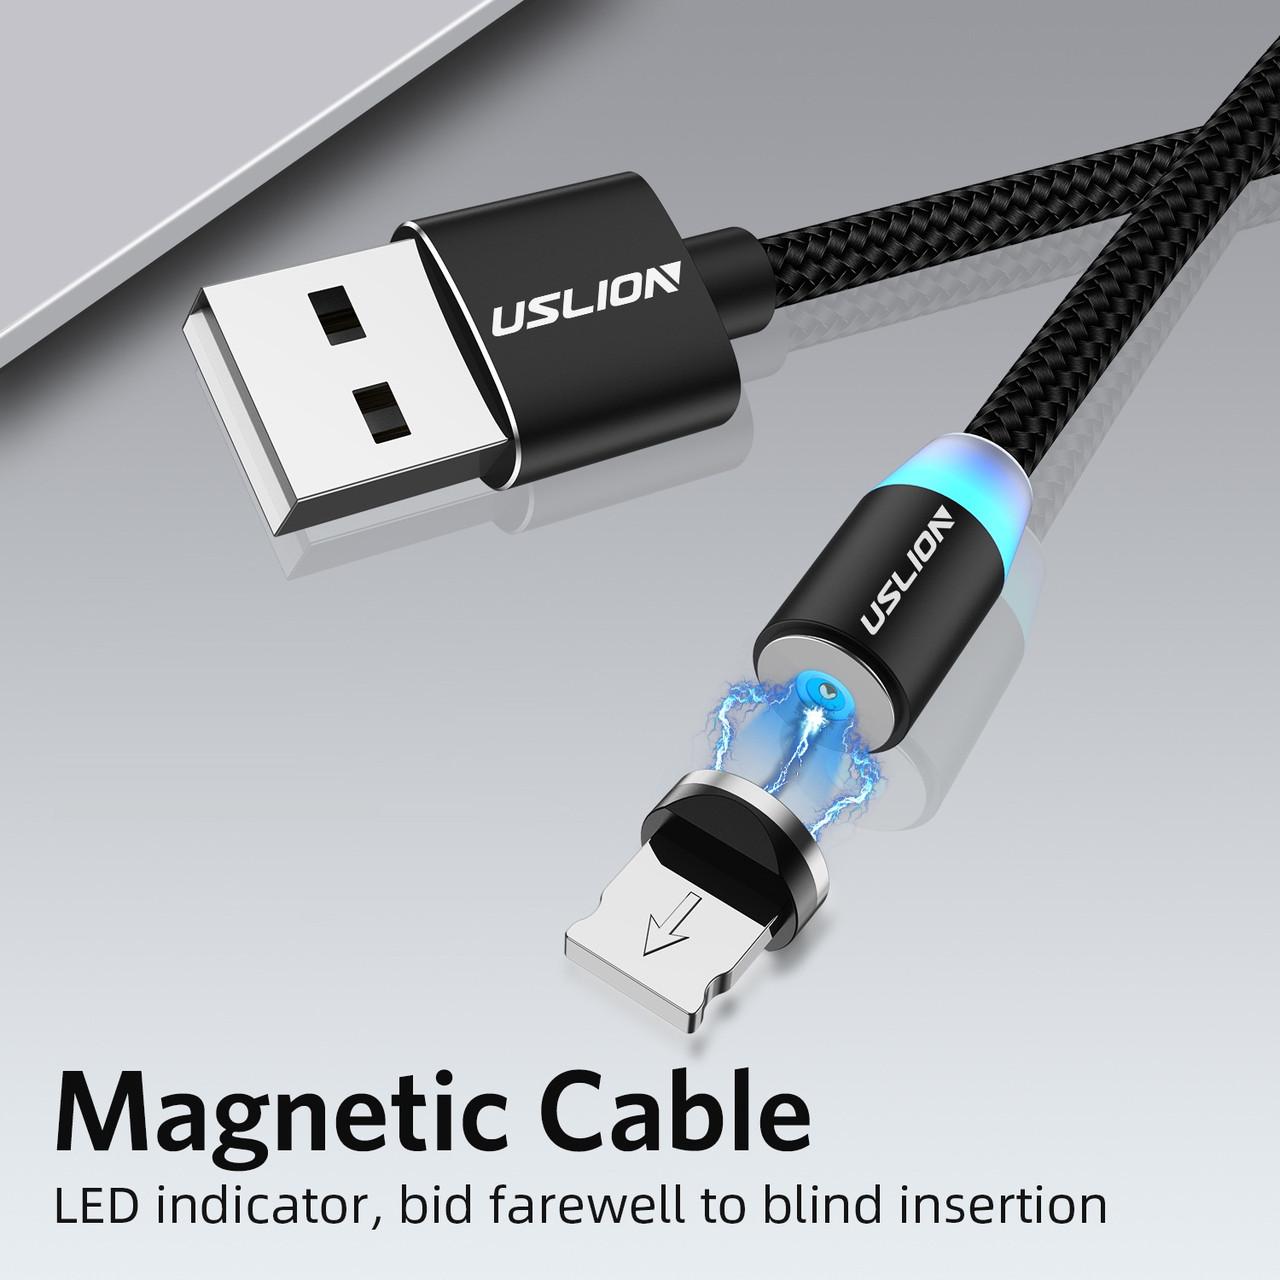 Магнитная зарядка USLION магнитный кабель Iphone (Айфон) Lightning/USB 2A с подсветкой, 1 м